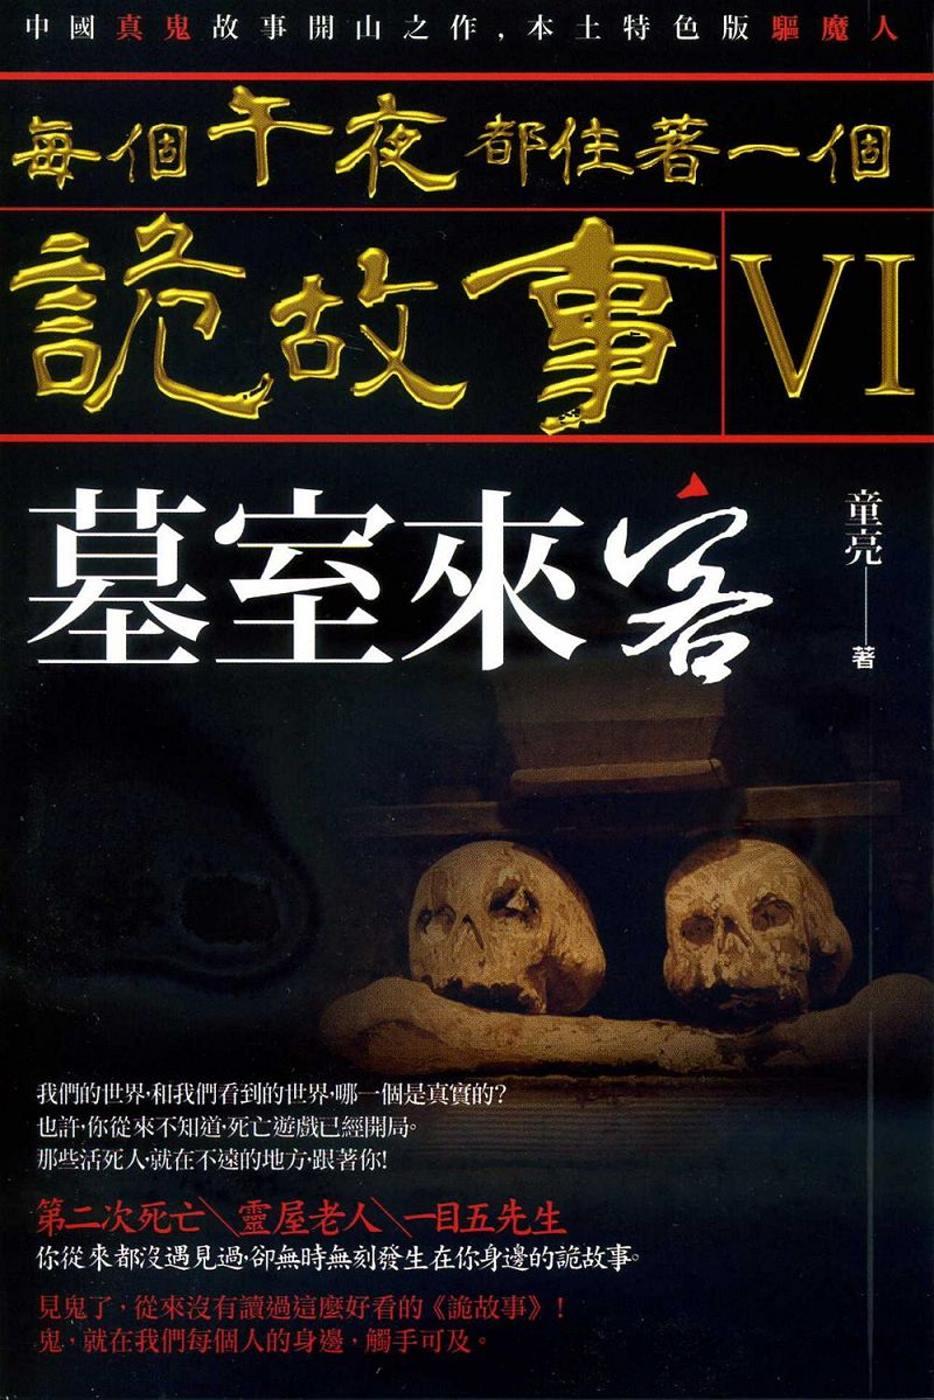 每個午夜都住著一個詭故事VI─墓室來客